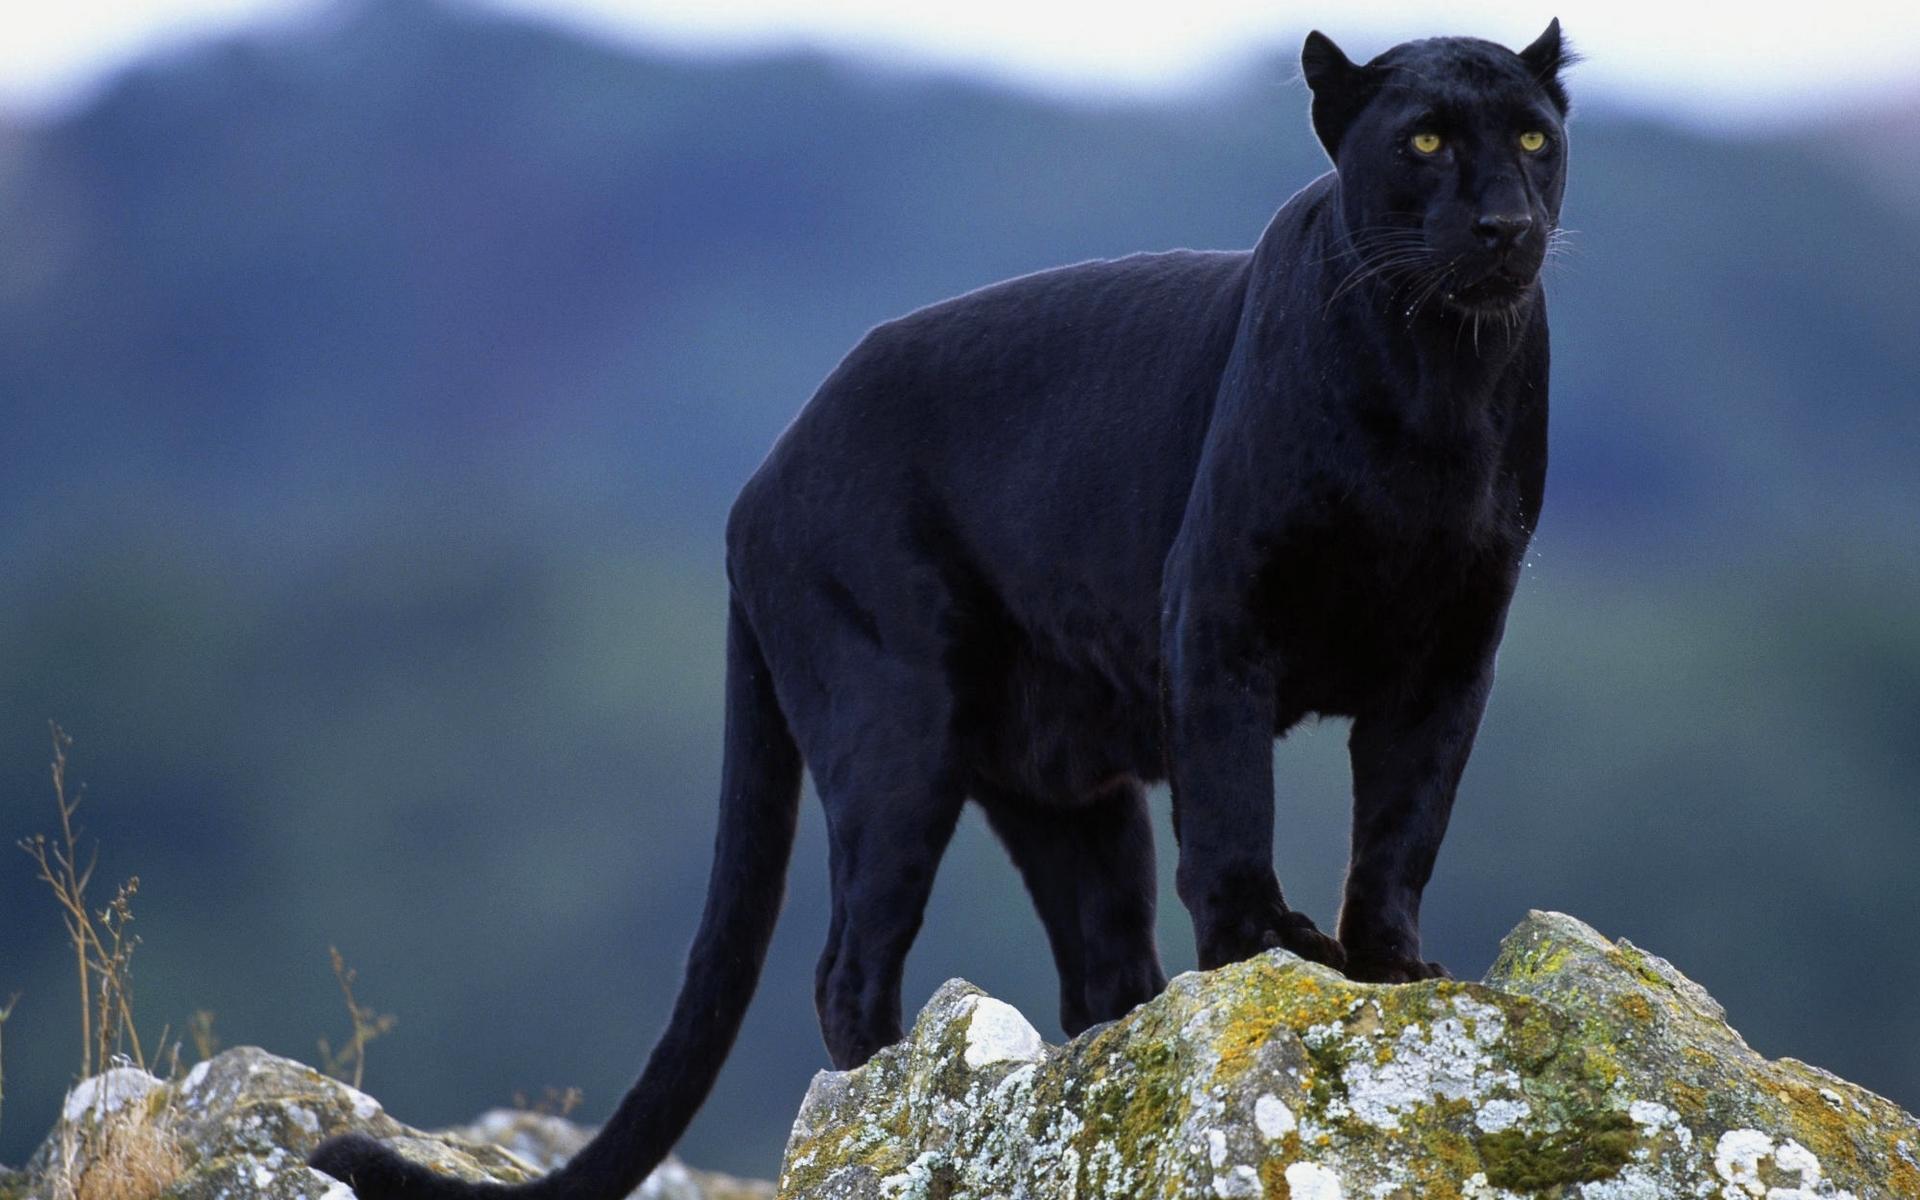 Black panther desktop wallpapers 1152x864 - Animal black background wallpaper ...